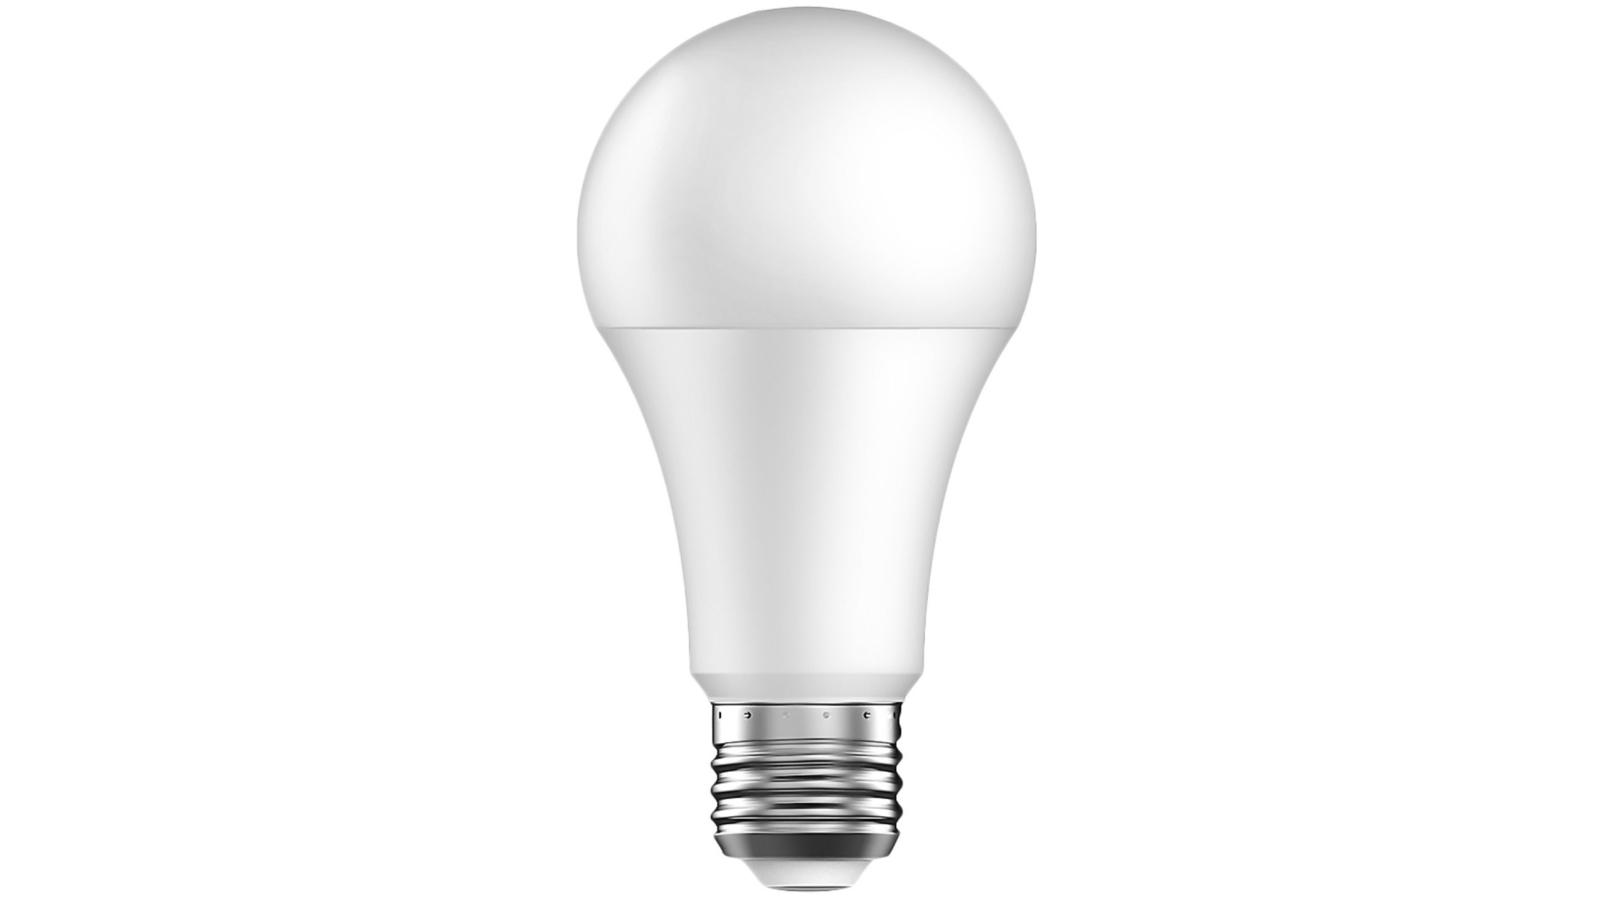 LED企业IPO悲喜录:8上市7终止,打铁还需自身硬